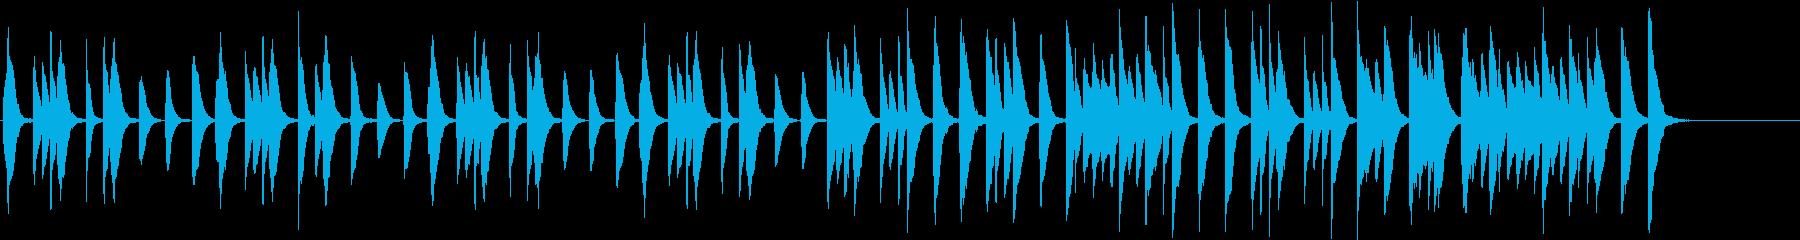 ほんわかカワイイ子供/動物場面ピアノソロの再生済みの波形